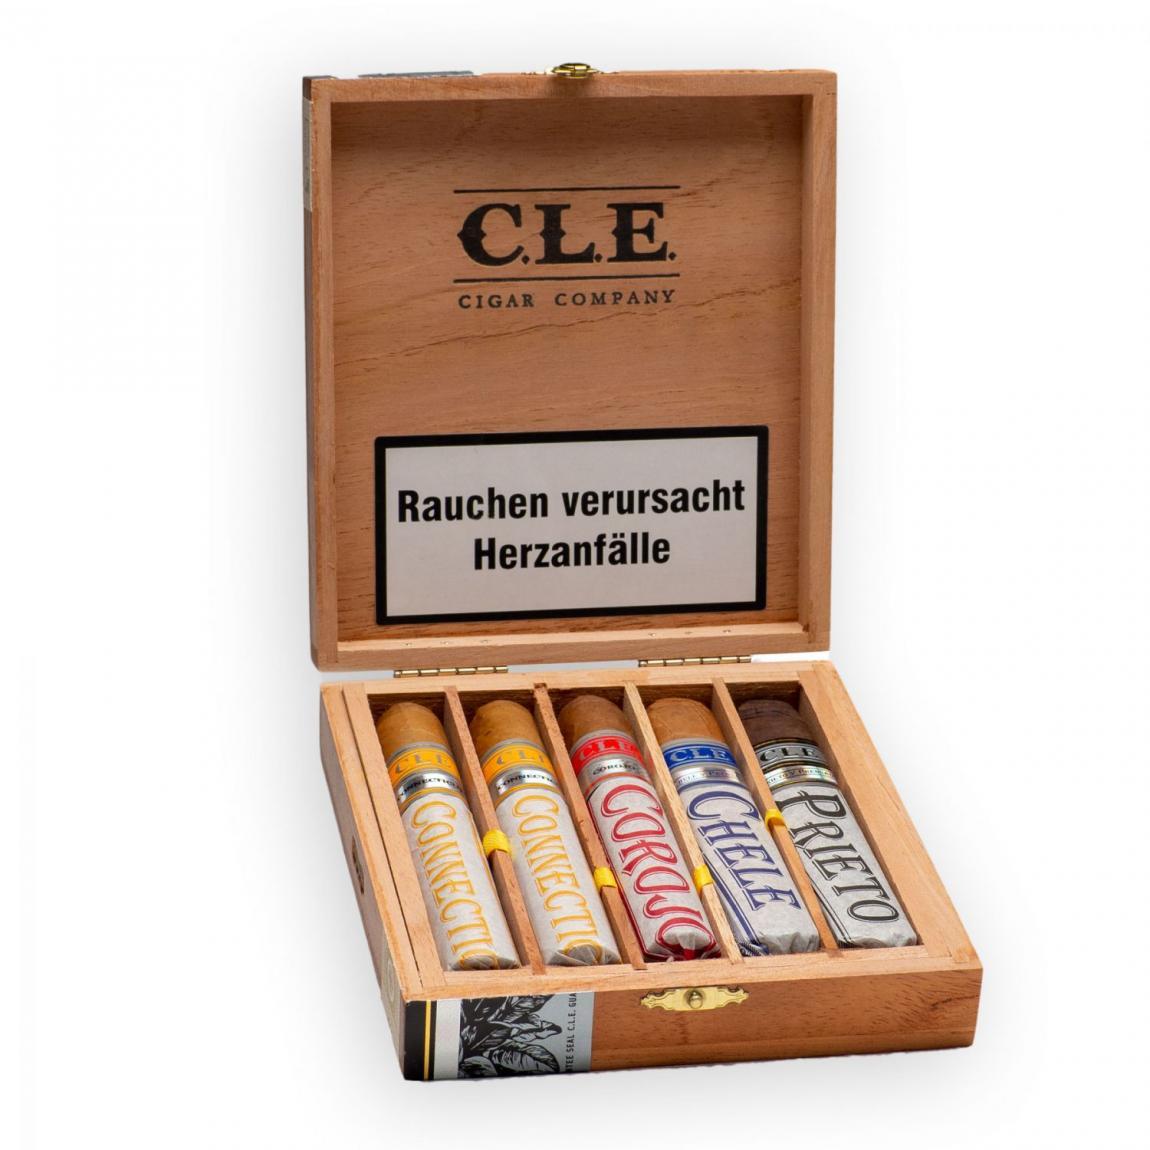 C.L.E. Robusto 50x5 Sampler, 5er